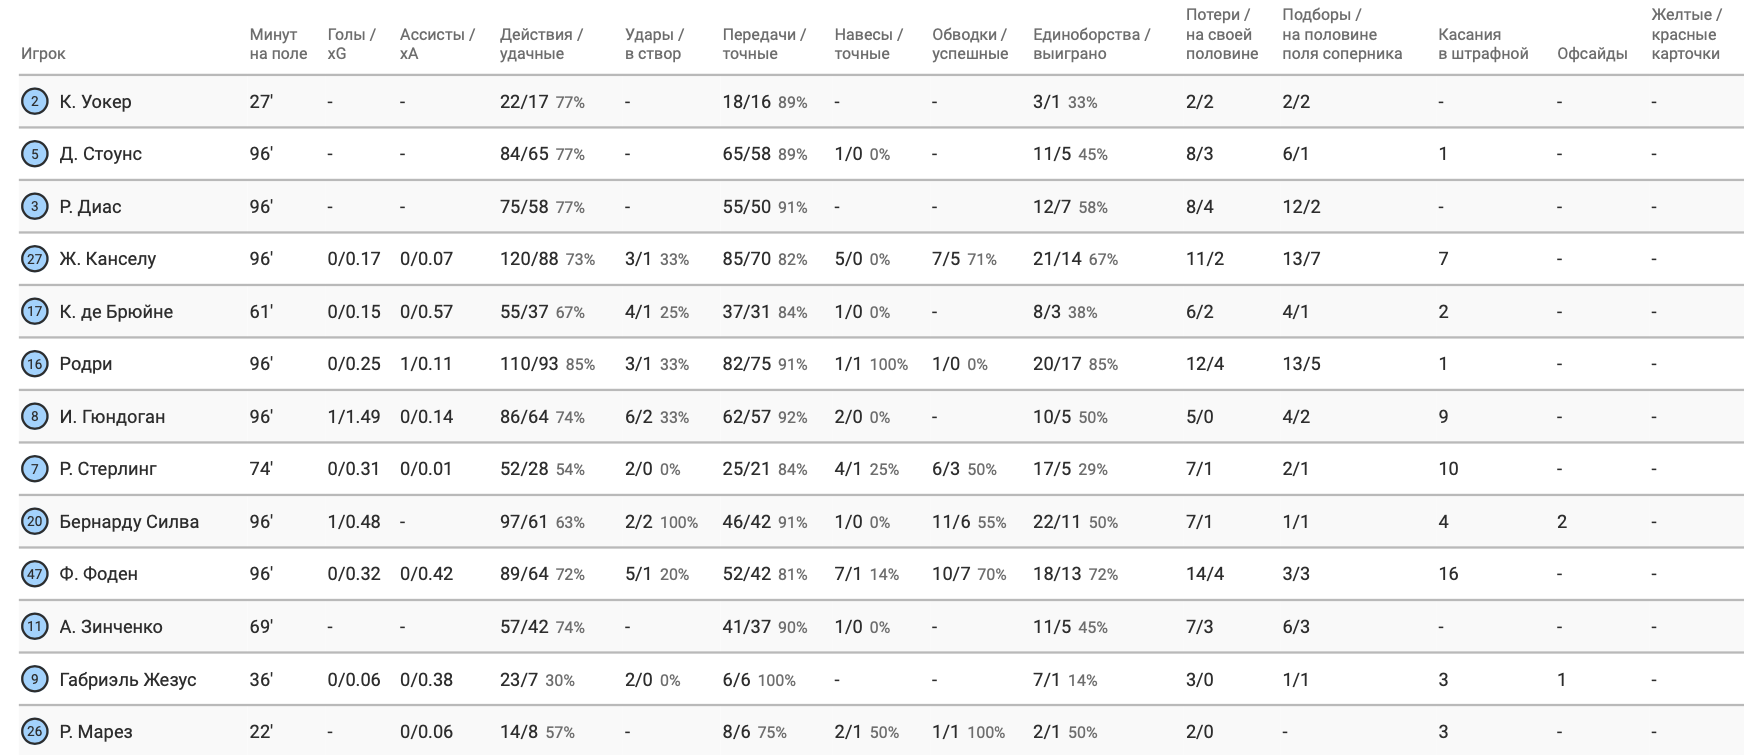 """Зинченко против """"Астон Виллы"""" в цифрах WyScout: меньшая активность и фингал - изображение 4"""